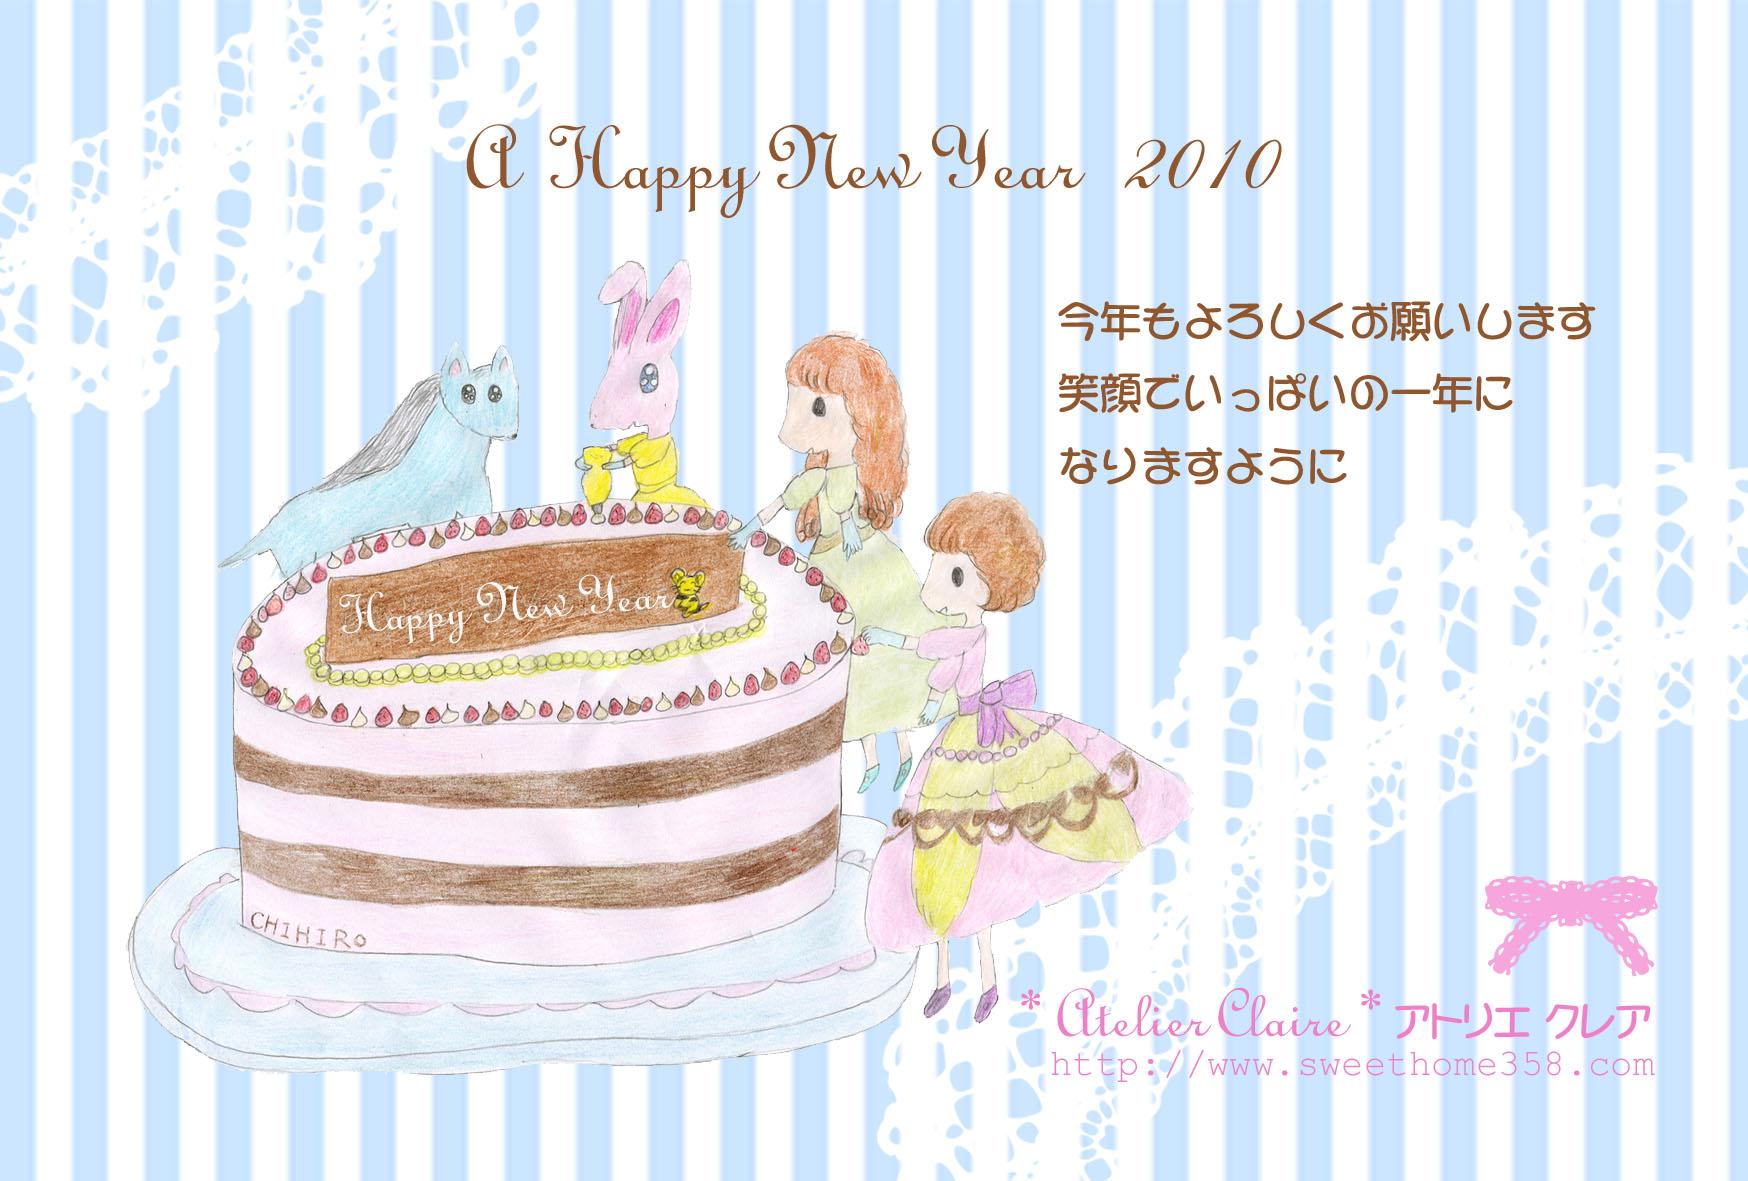 A Happy New Year 2010_a0157409_19213037.jpg